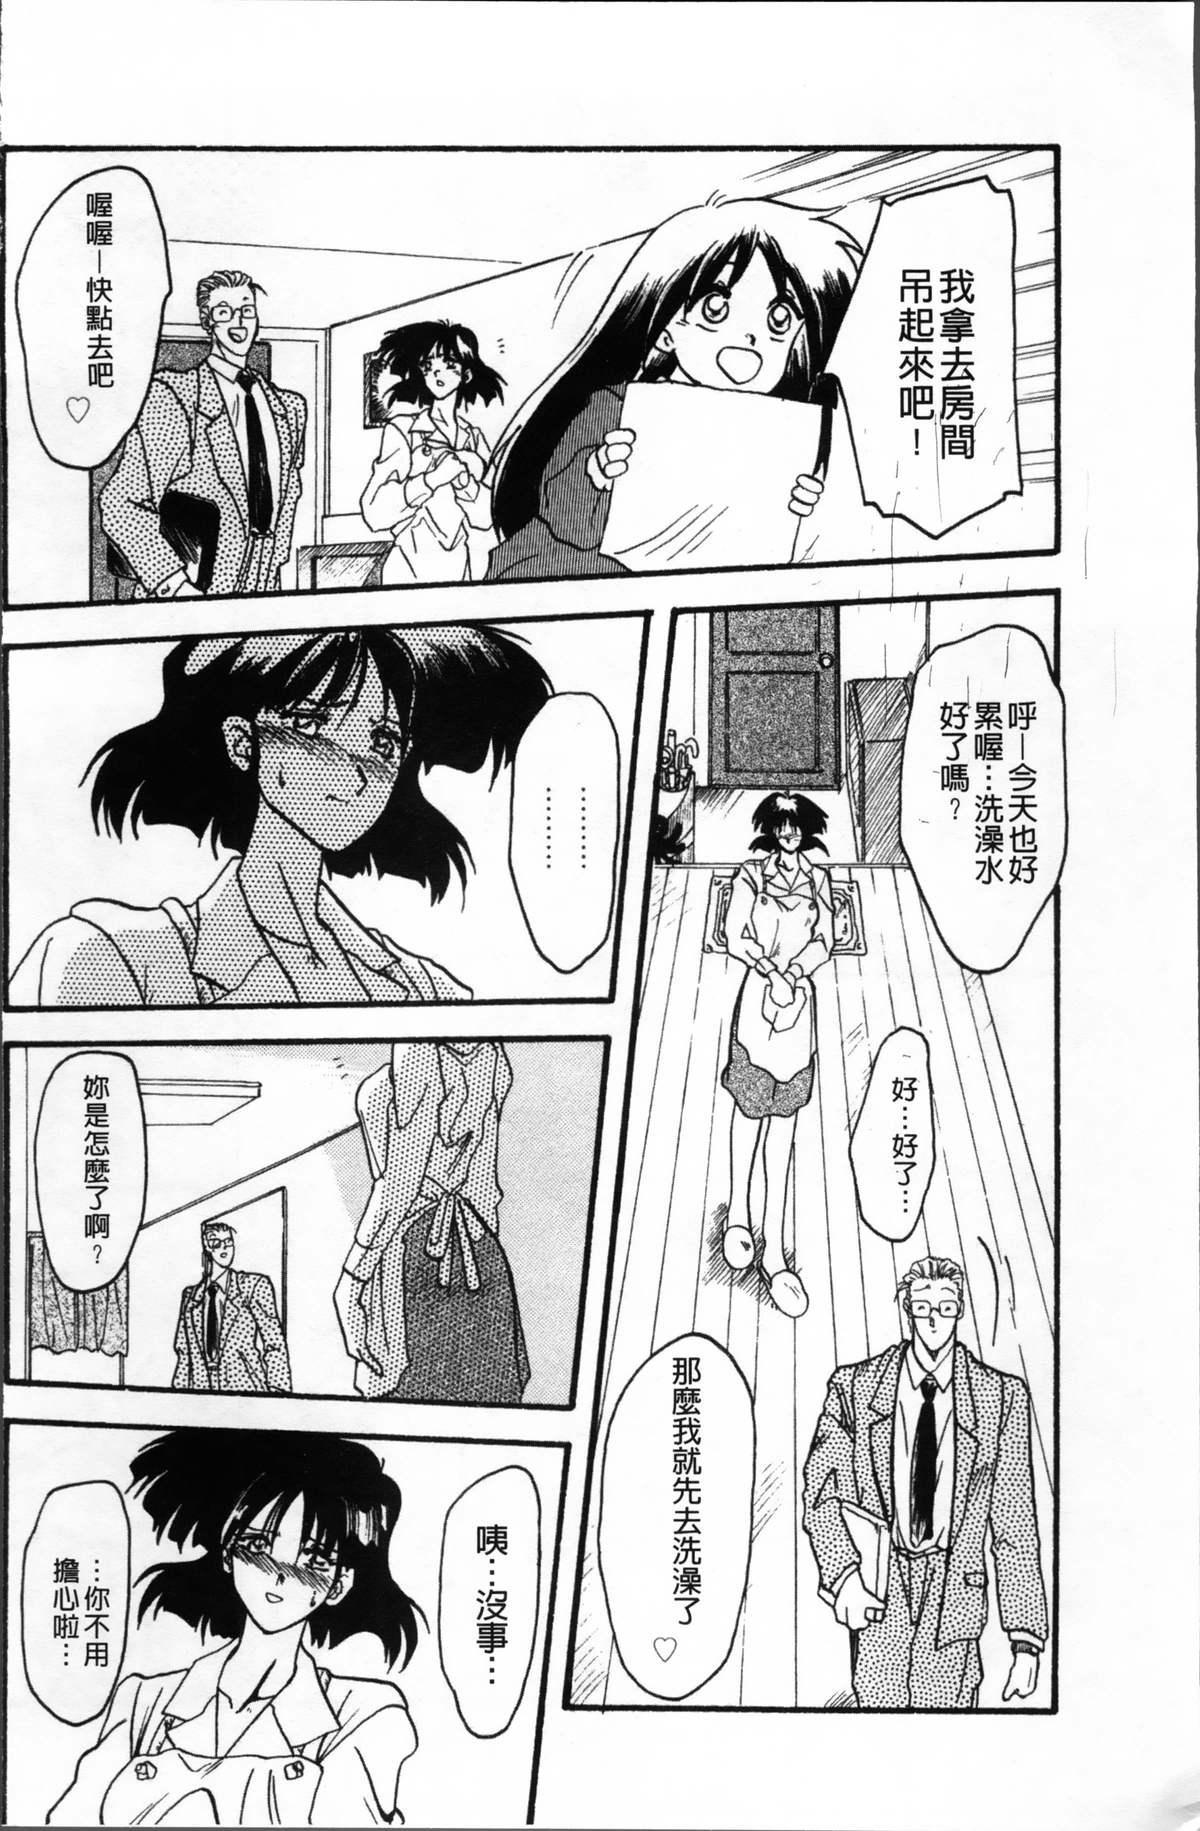 Hiiro no Koku Kanzenban   緋色之刻 完全版 33